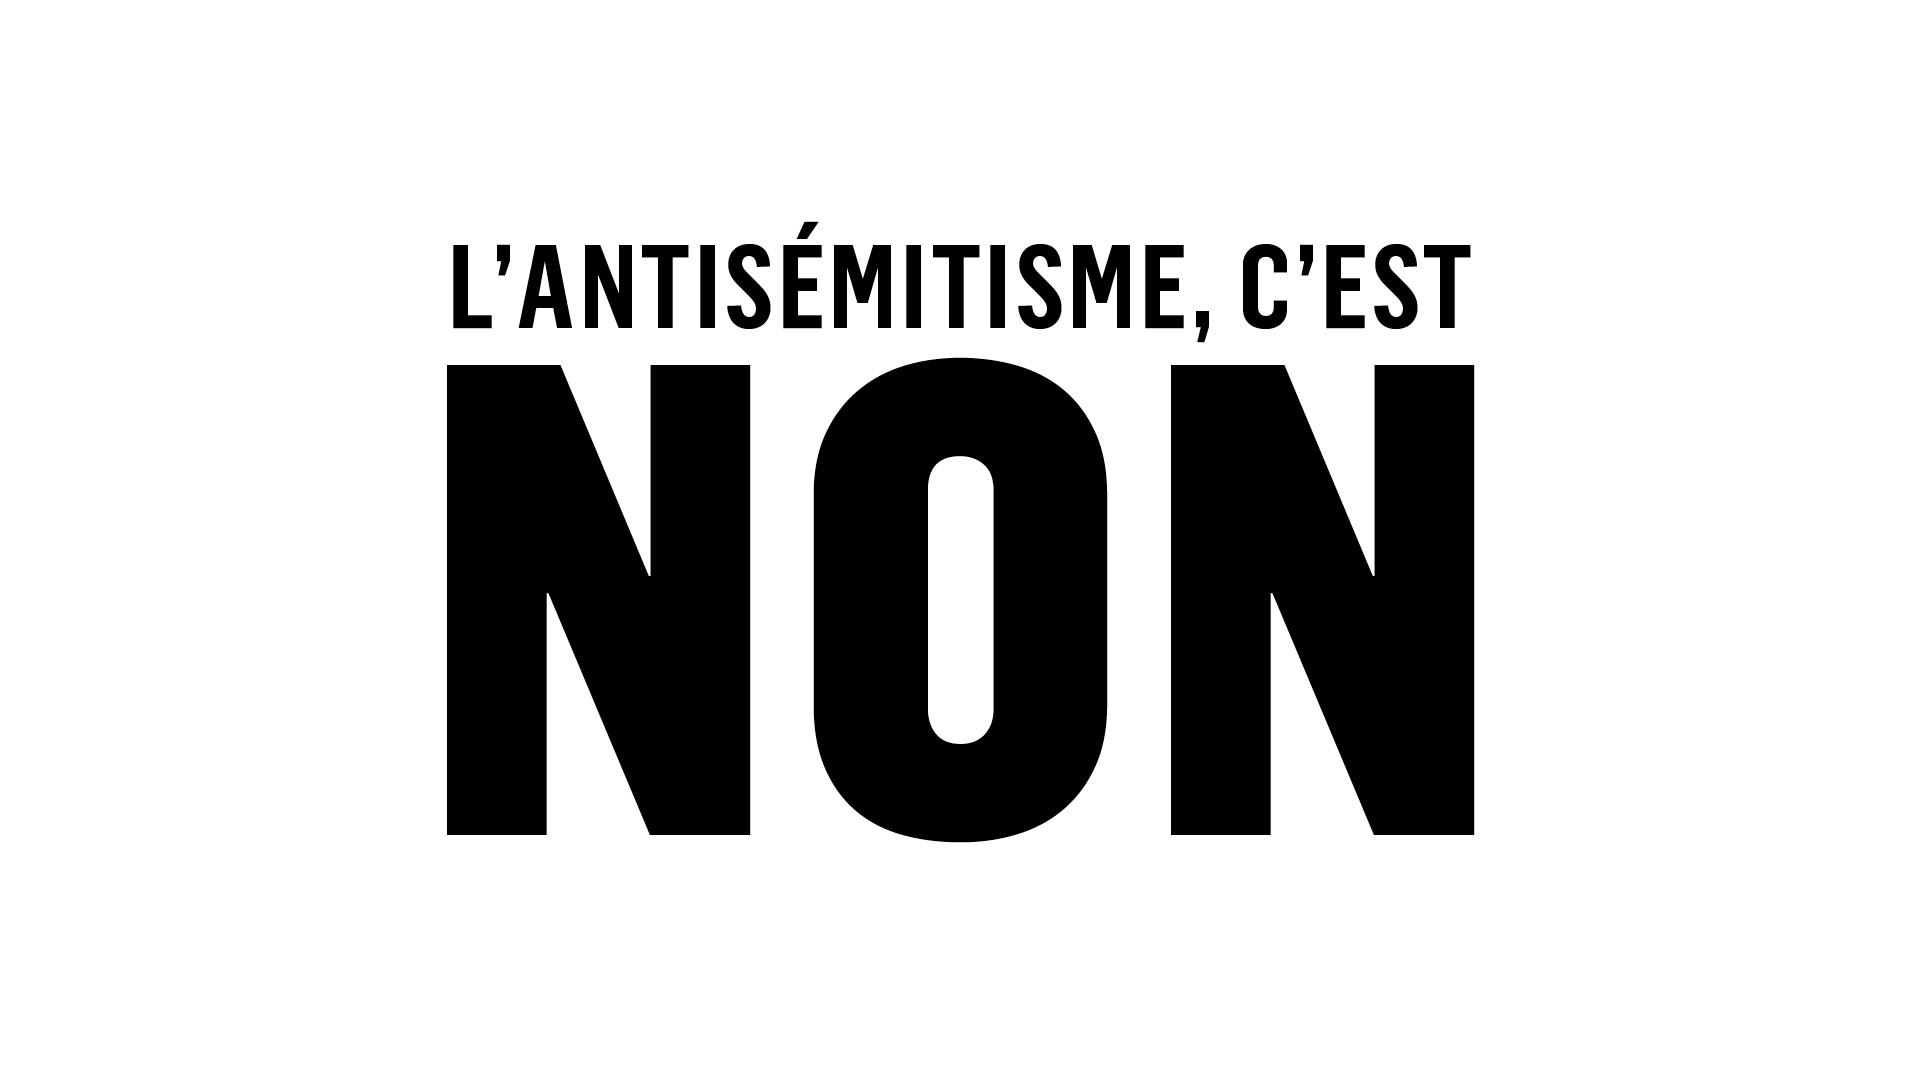 je-dis-non-antisemitisme?cache=e9fe2bd58154afb4684d&fm=pjpg&s=5a9c00e04f0e98e3df26974b4b81f0e2